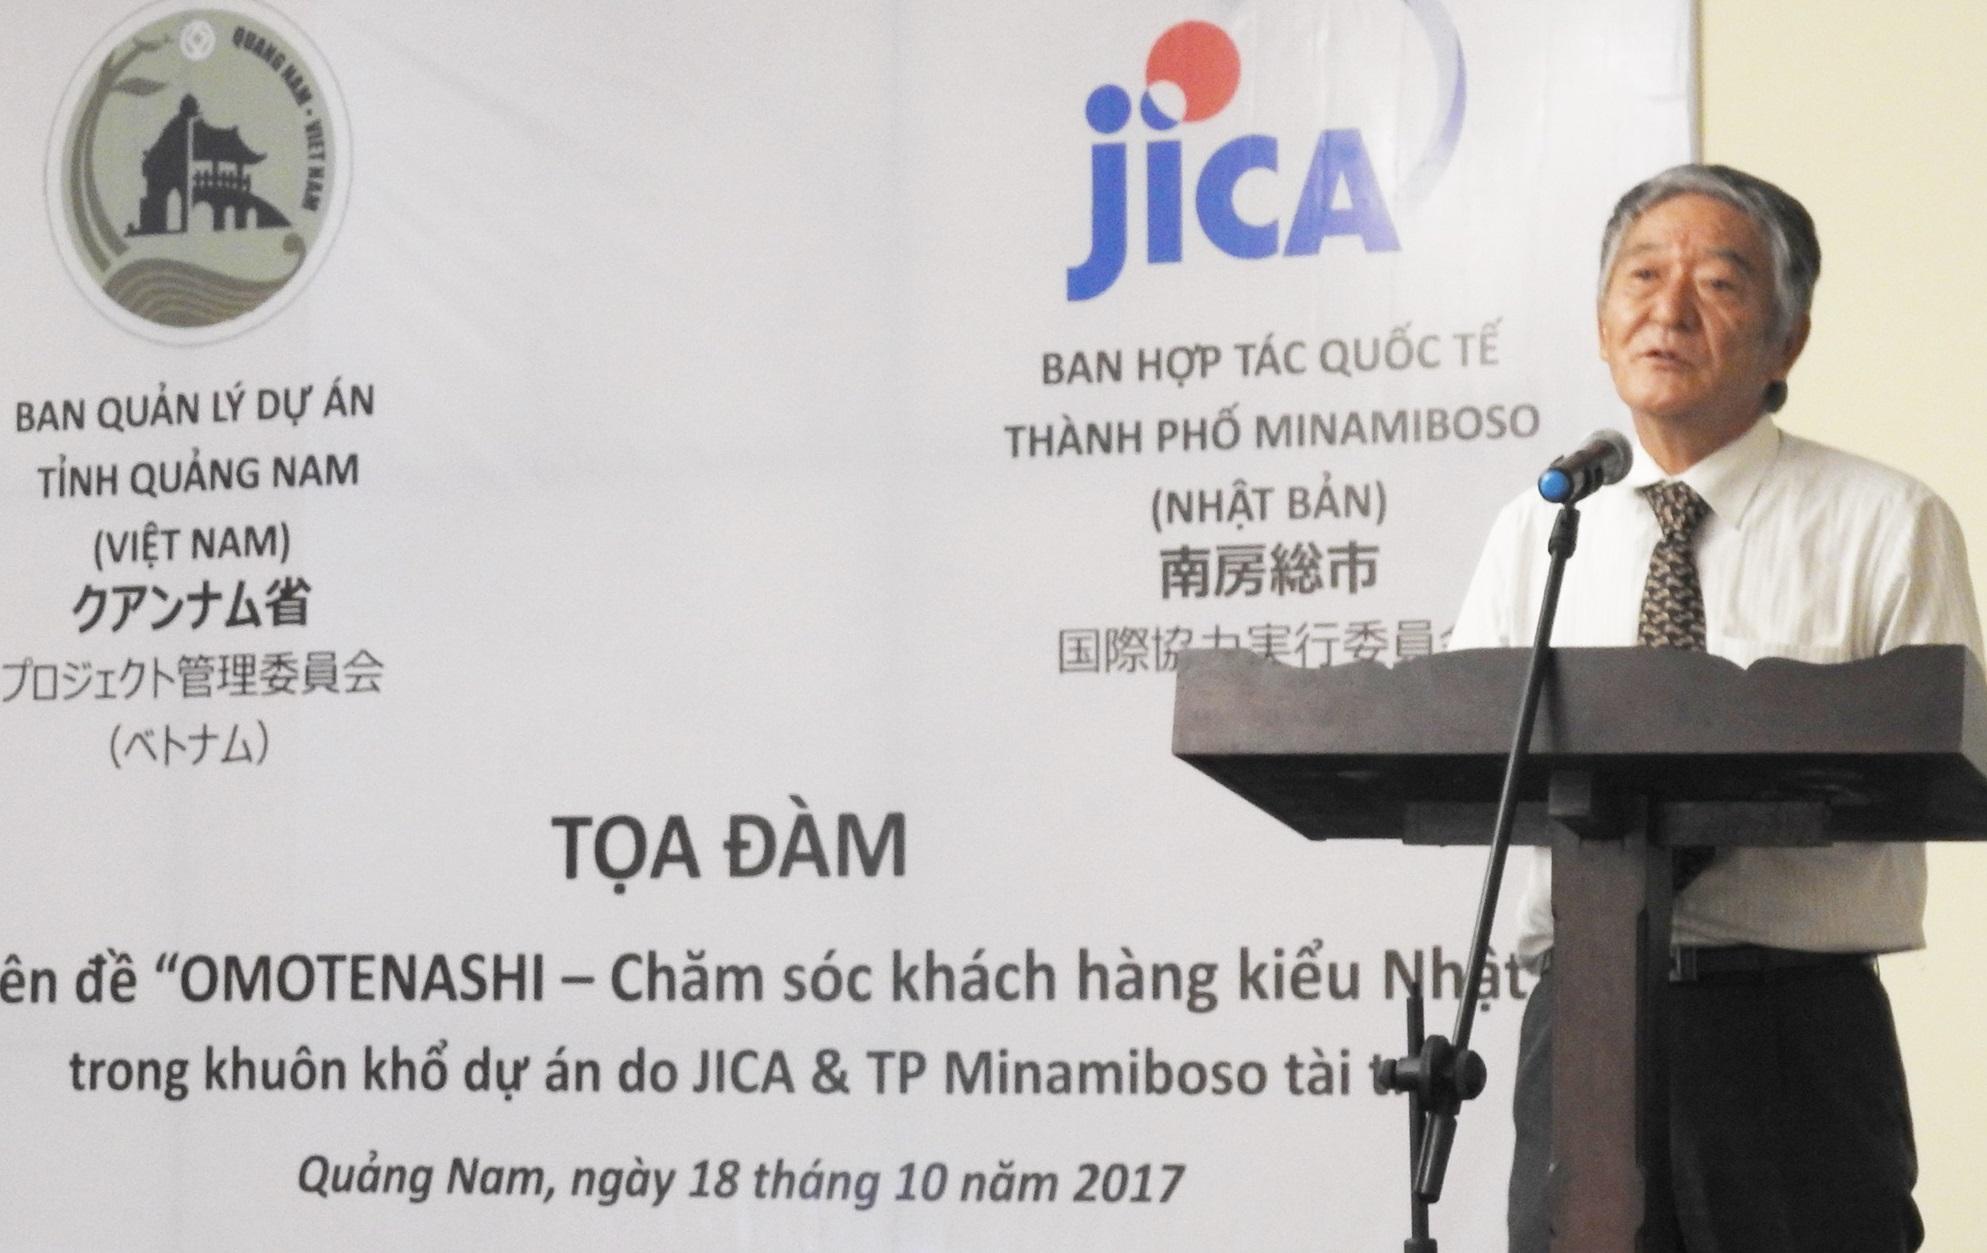 Ông Fumio Kato- đại diện JICA trao đổi tại Tọa đàm ở Hội An